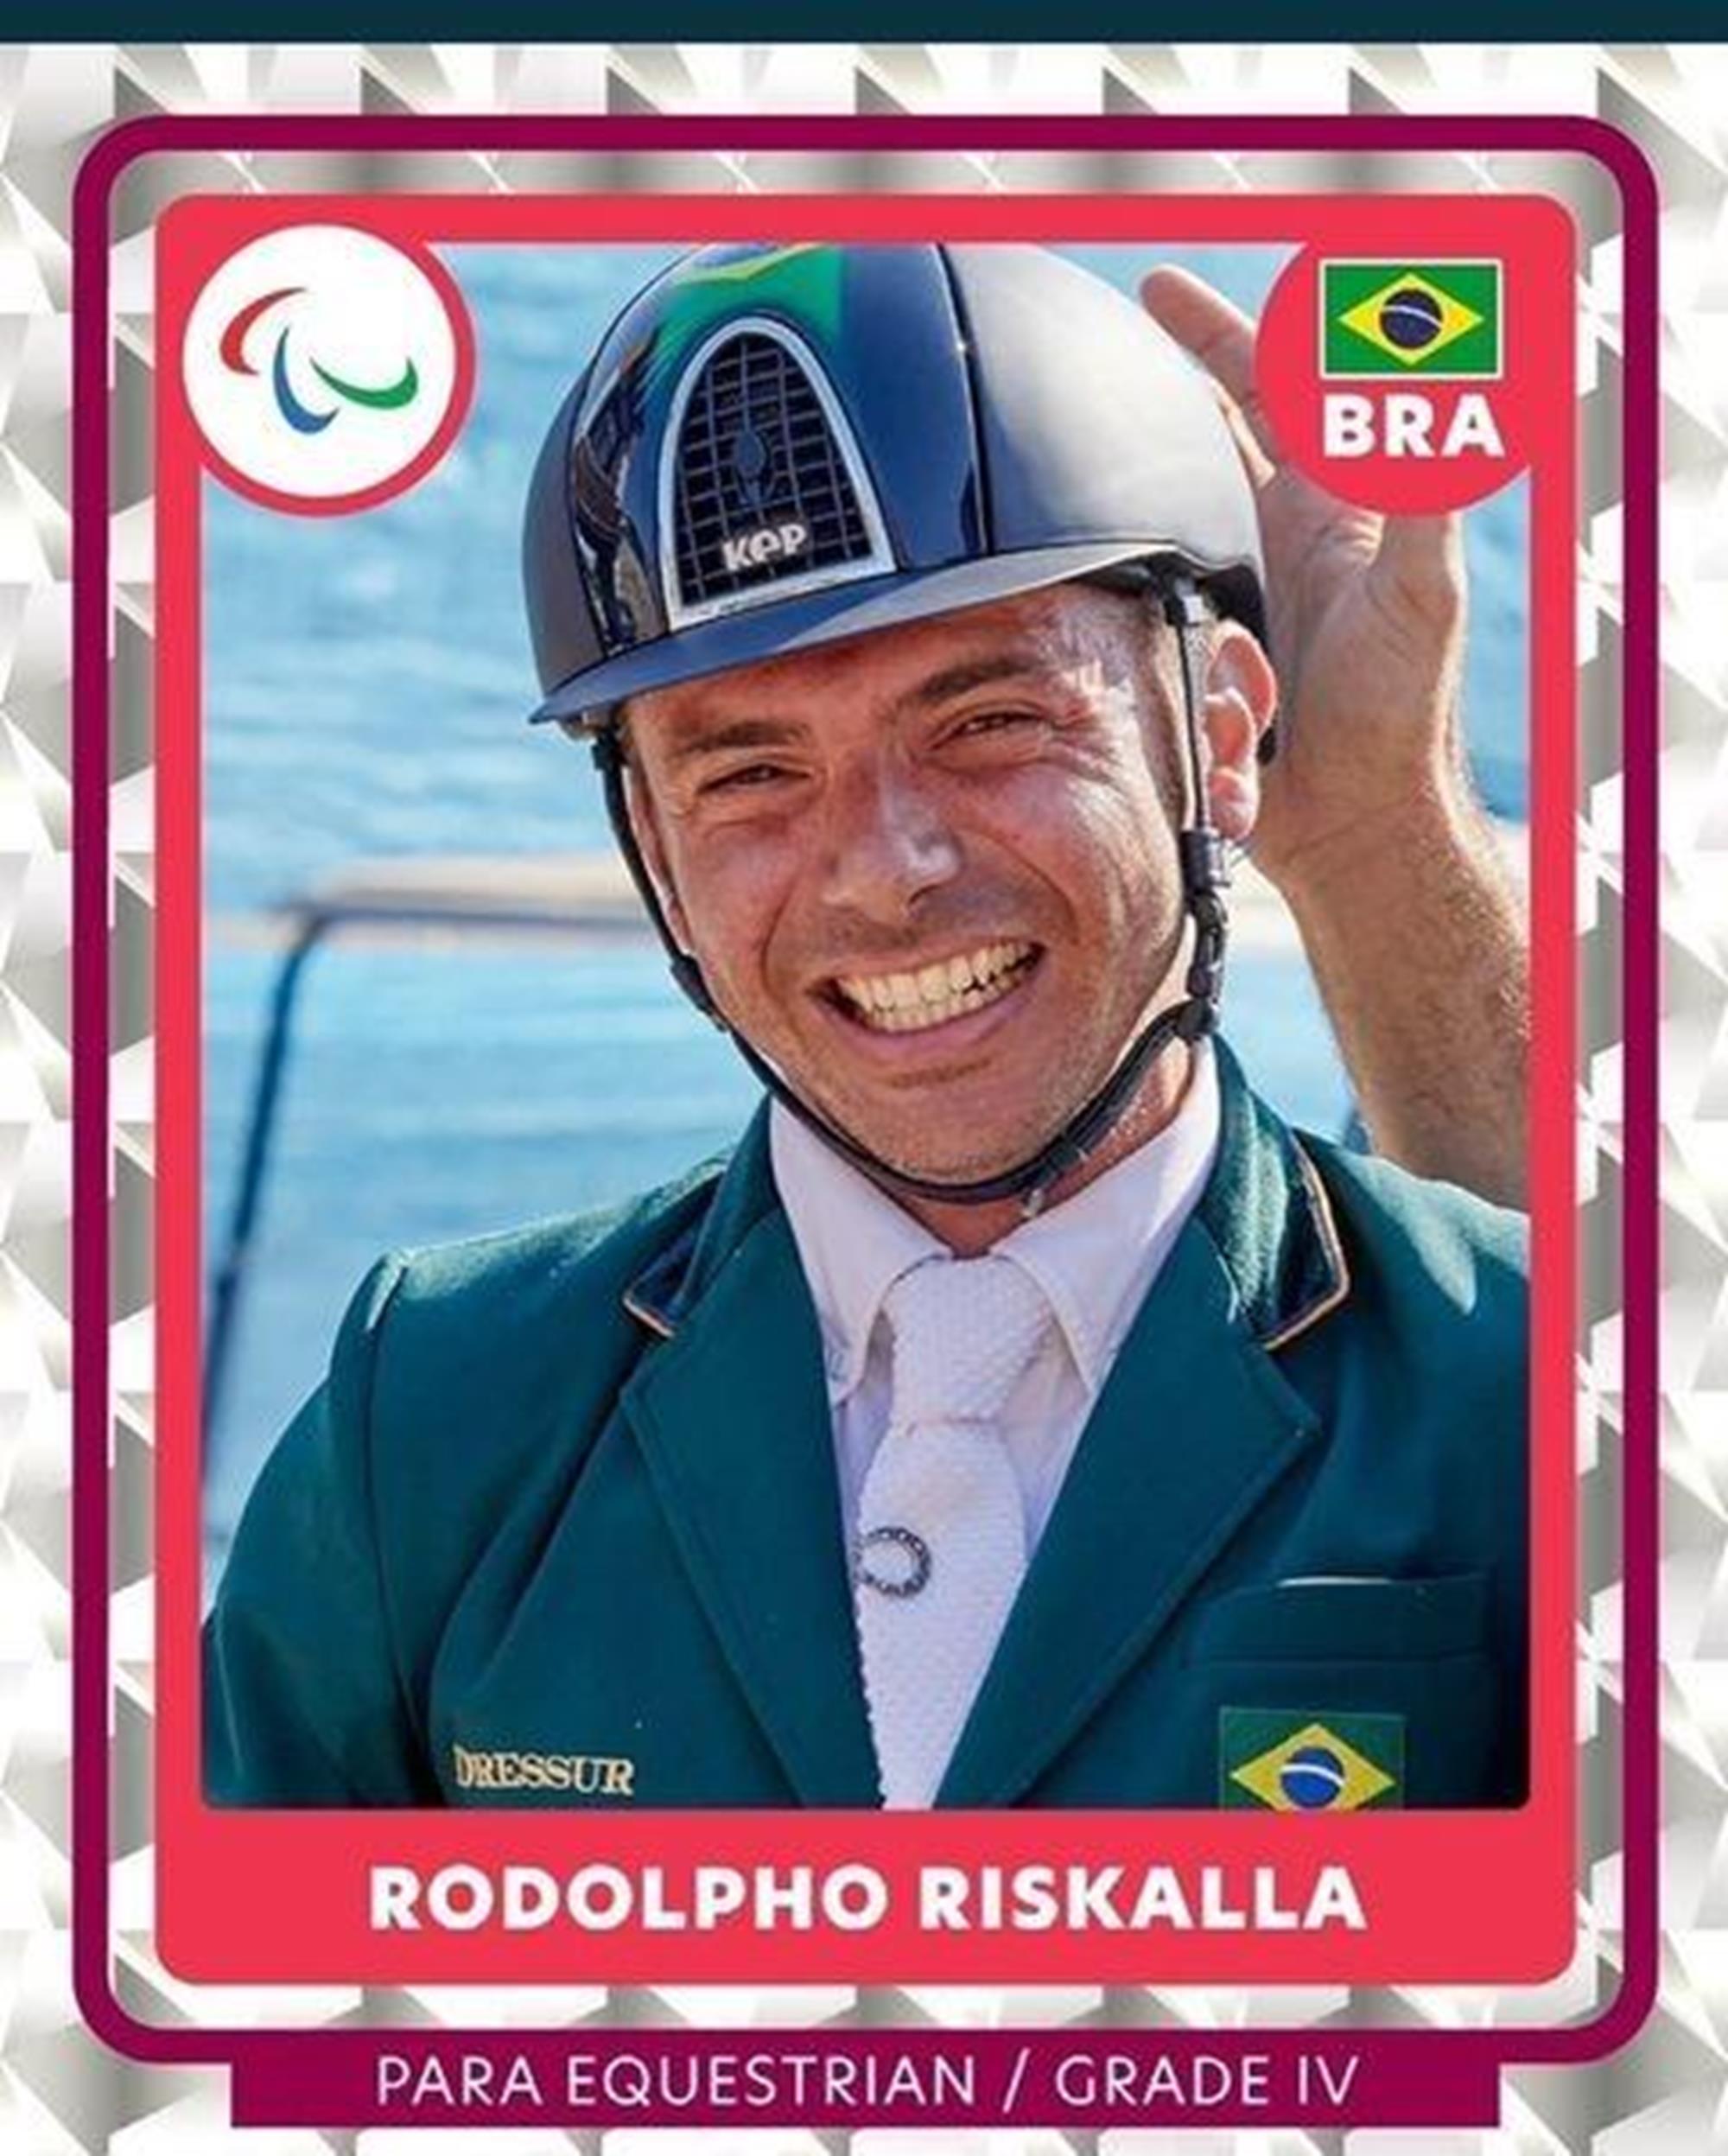 album de figurinha, paraequestre, Rodolpho Riskalla, Reprodução